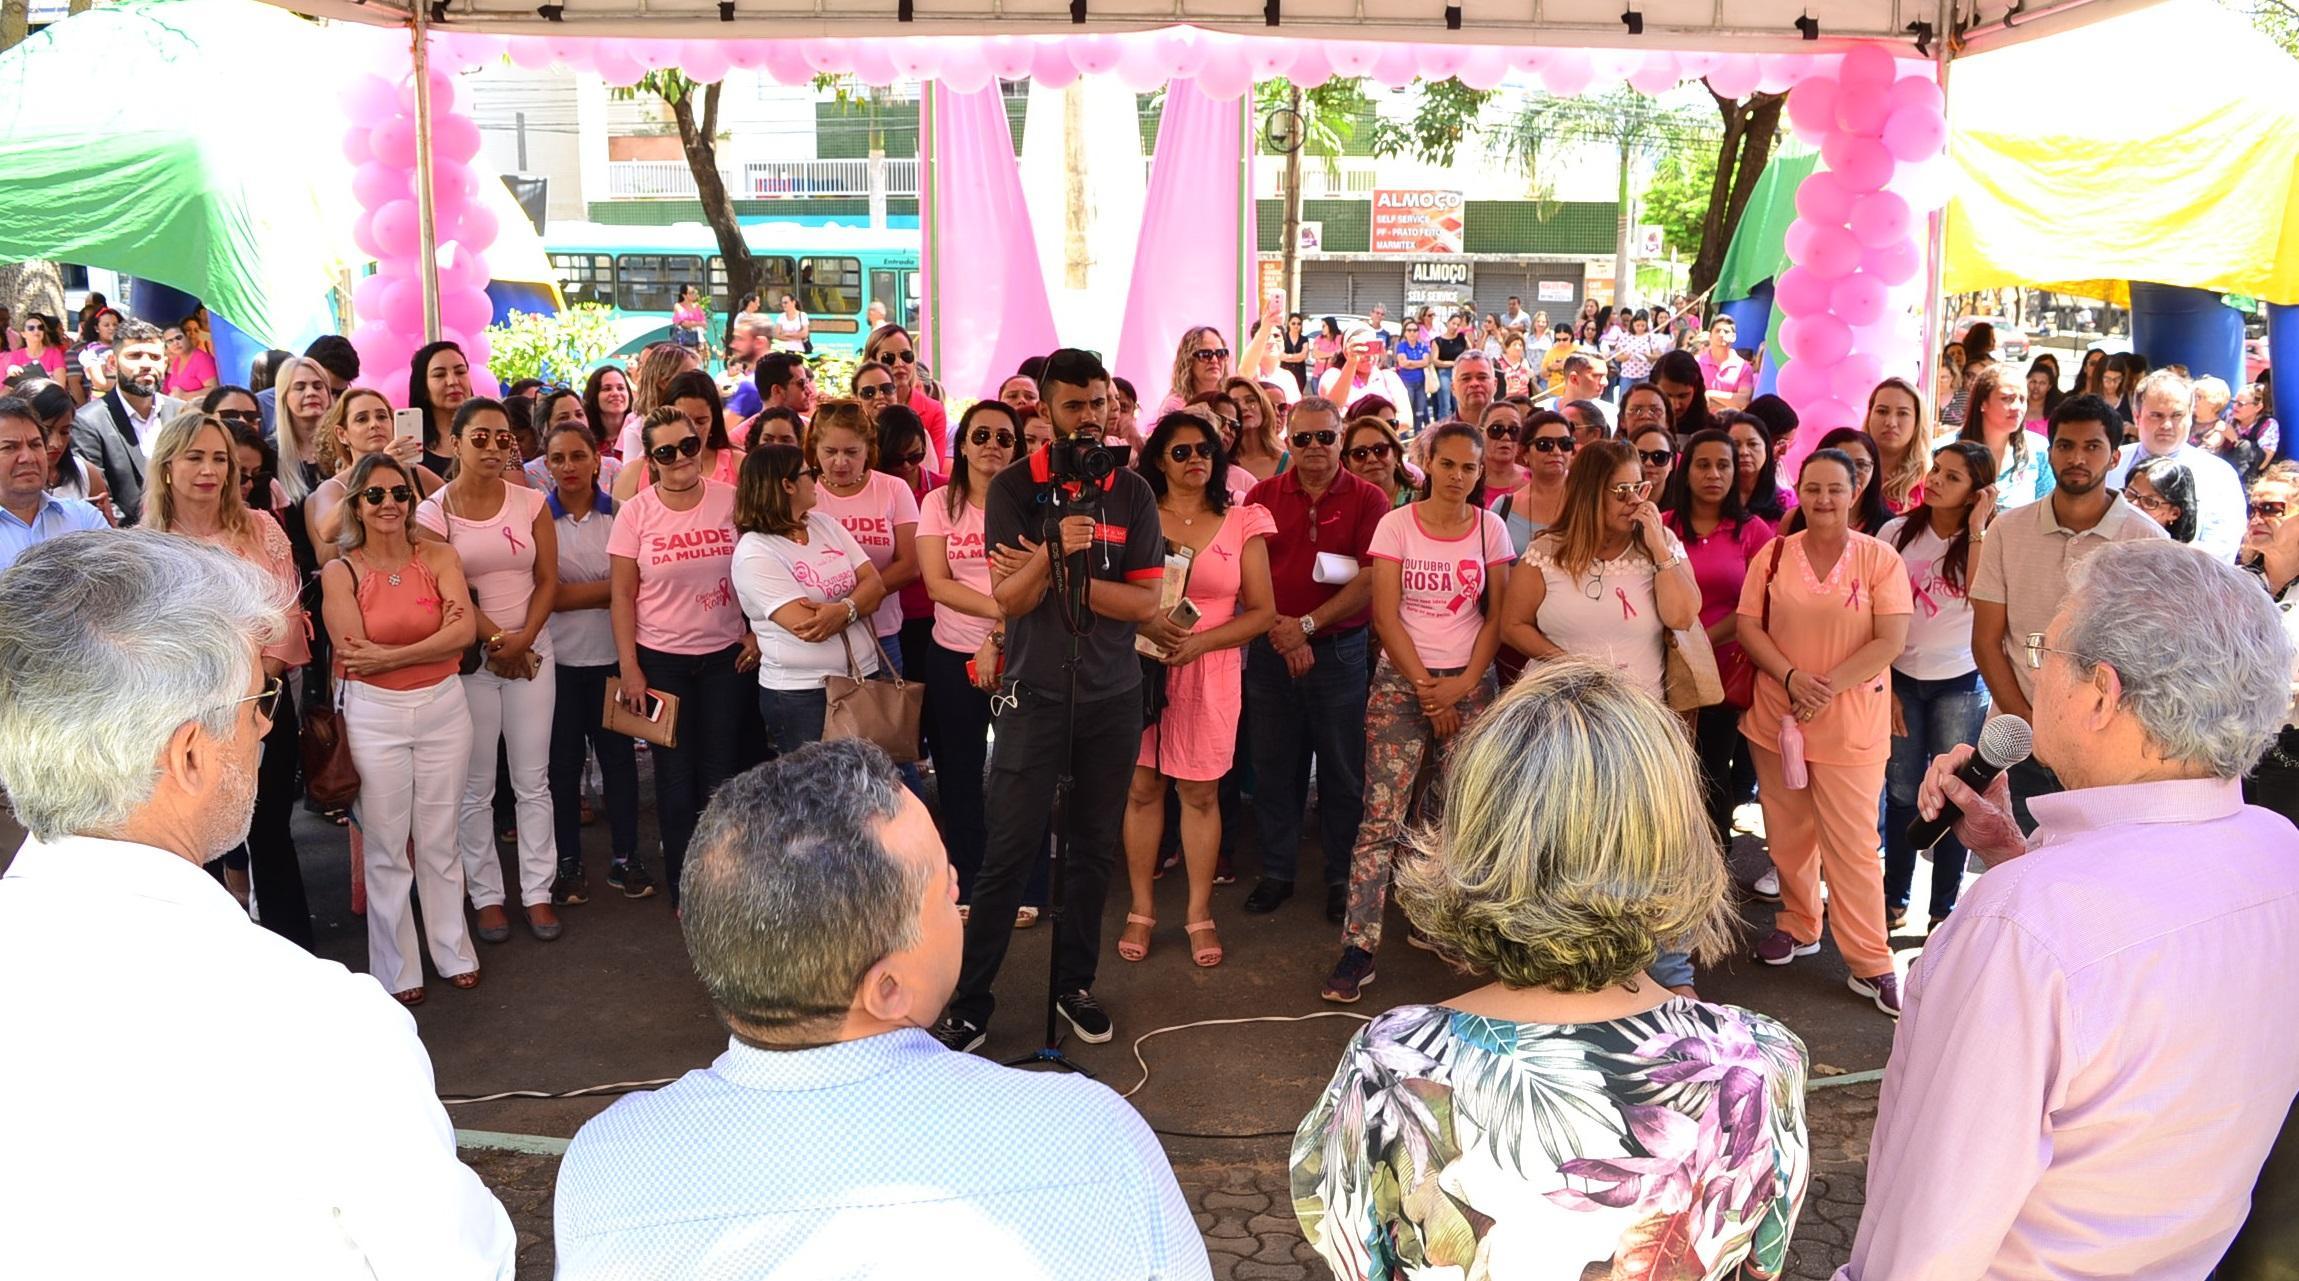 Imagem de destaque OUTUBRO ROSA - Abertura da campanha atrai centenas de pessoas em Montes Claros